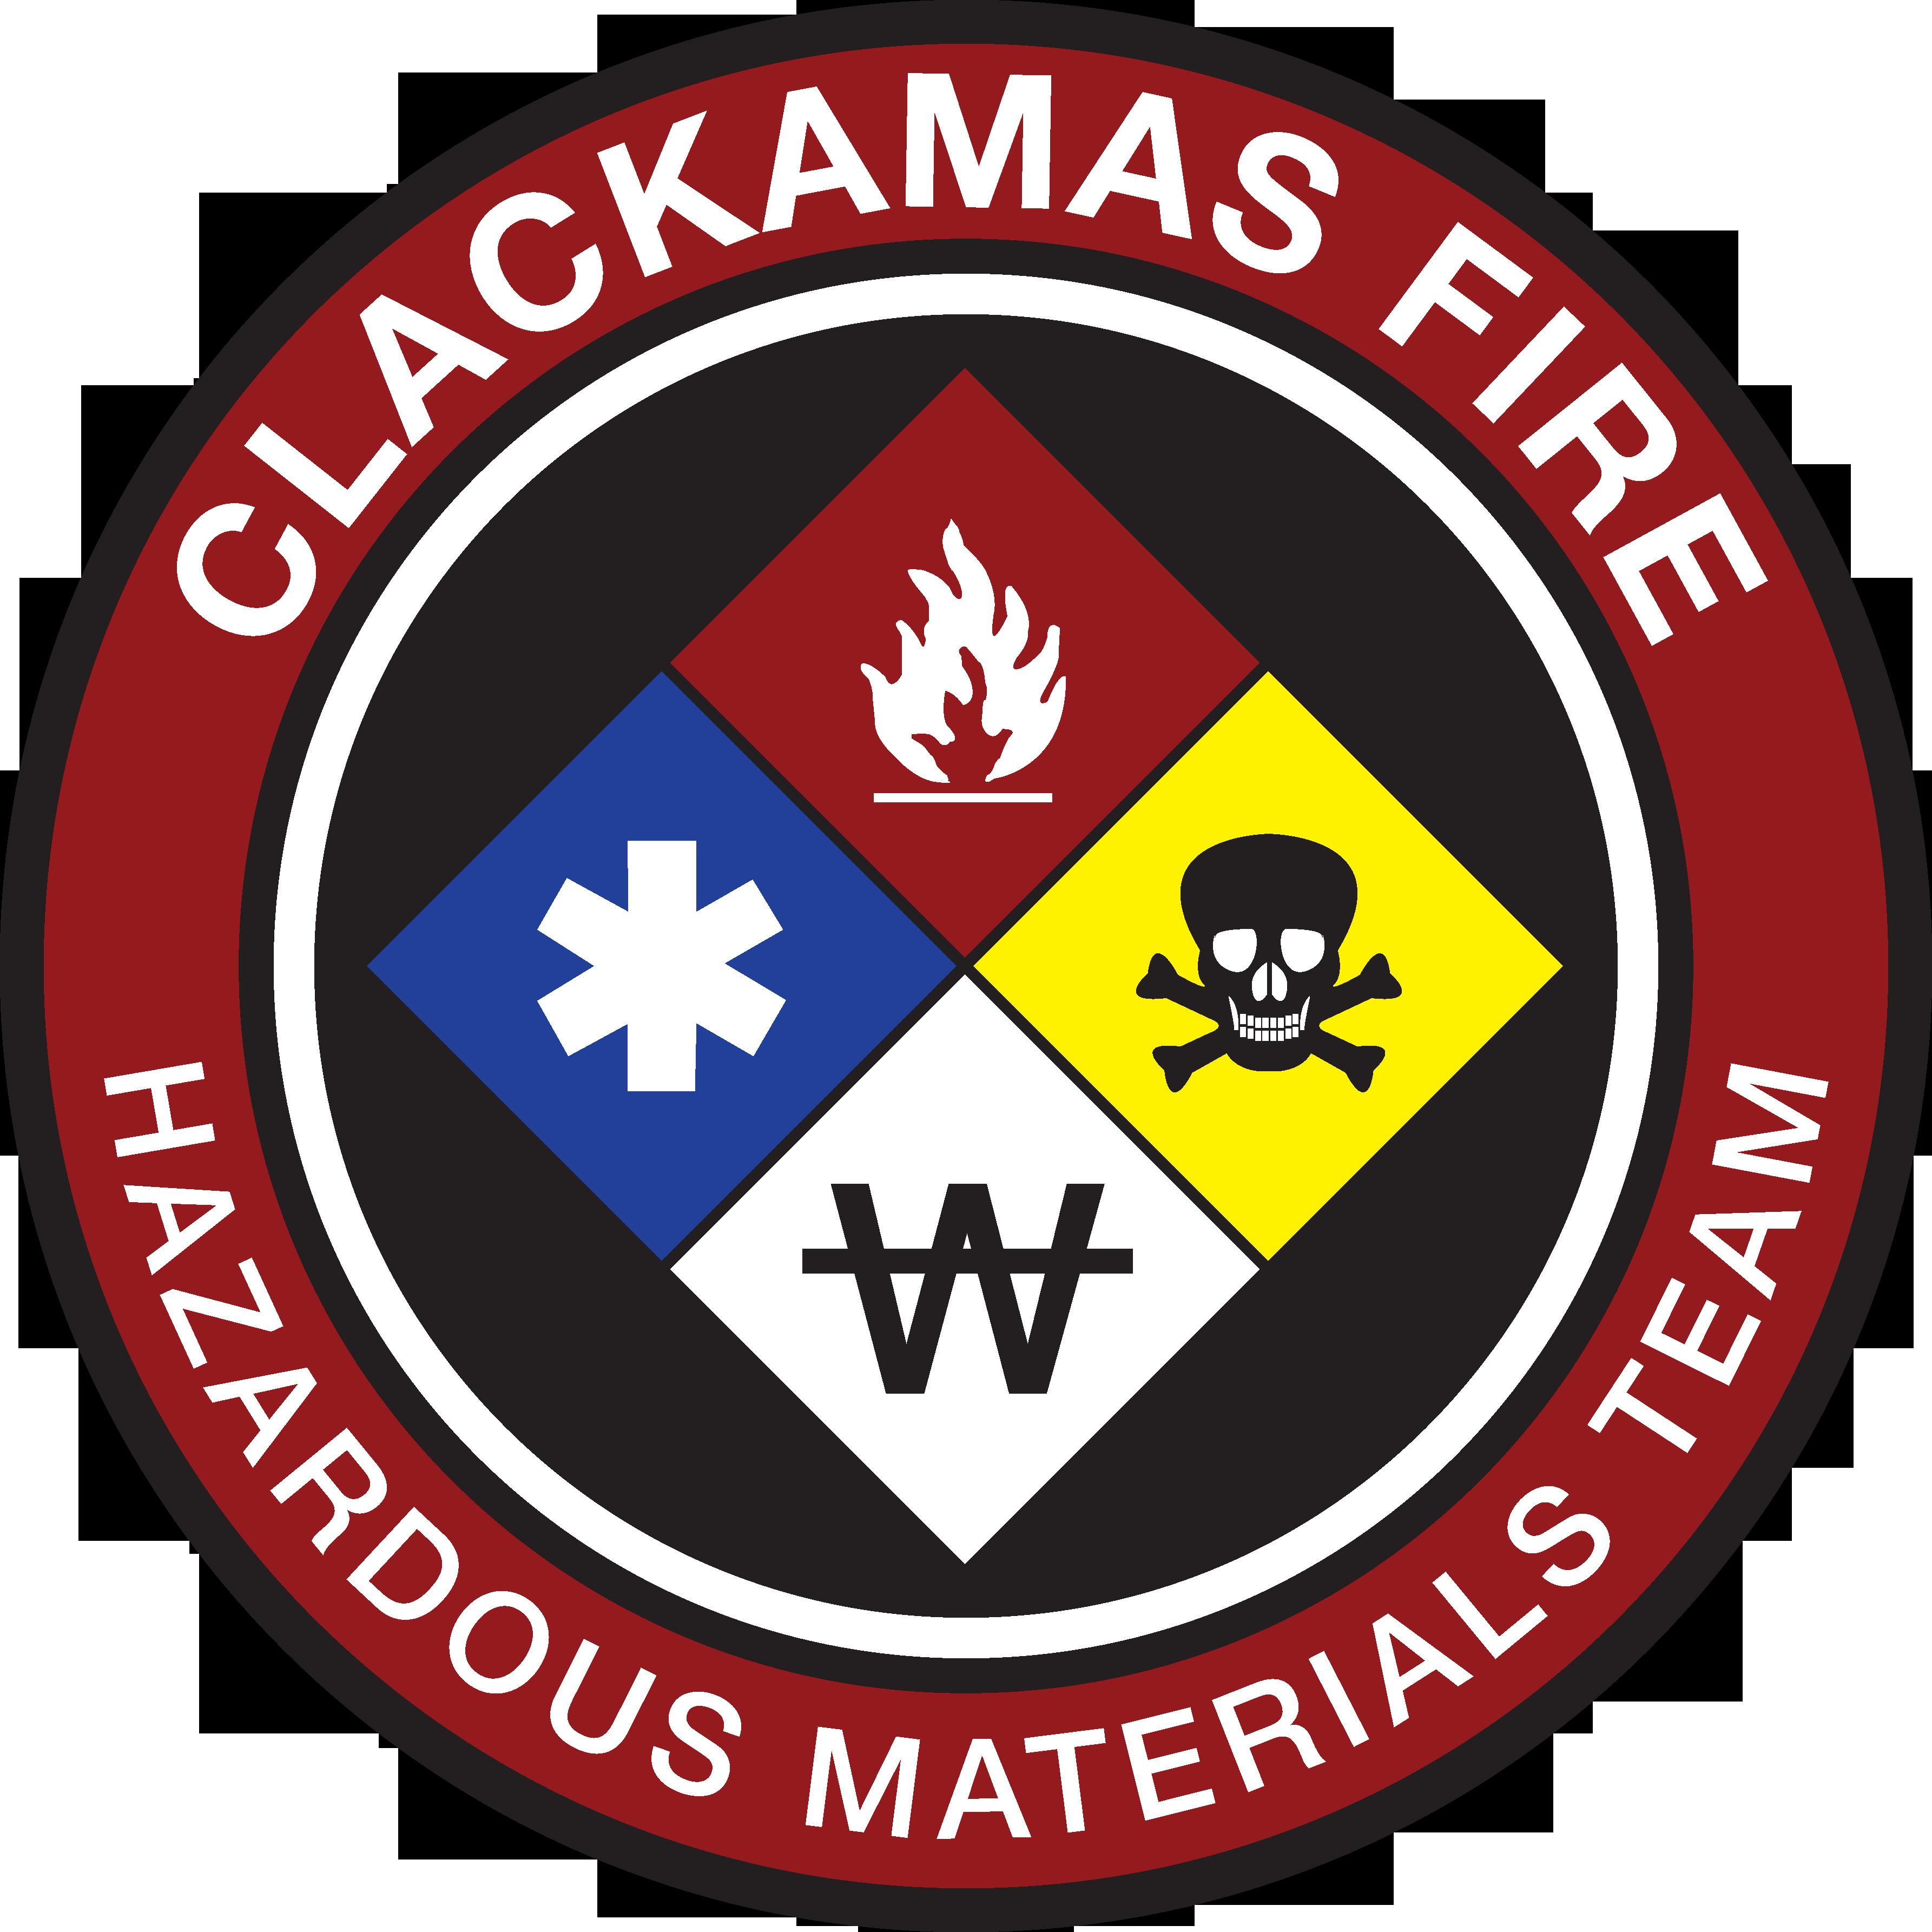 Hazardous Materials Team.